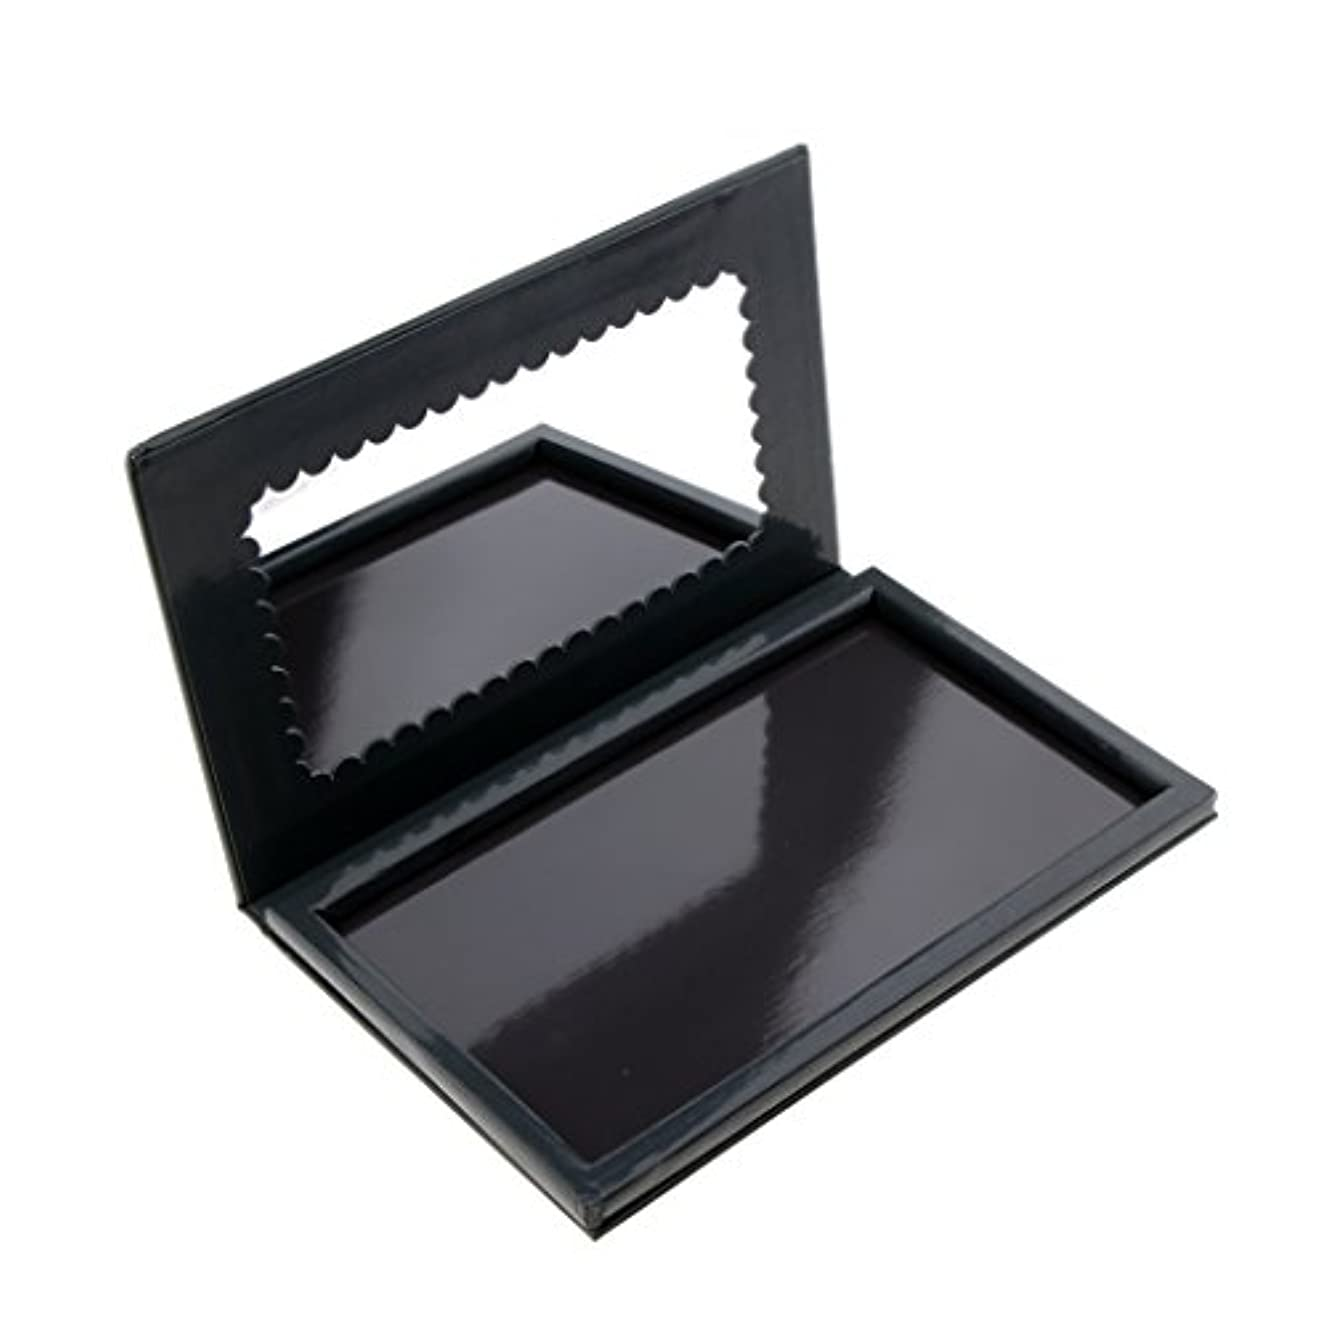 あらゆる種類の印象仕様Homyl メイクアップパレット 磁気パレット コスメ 詰替え DIY 収納 ボックス メイクアップ